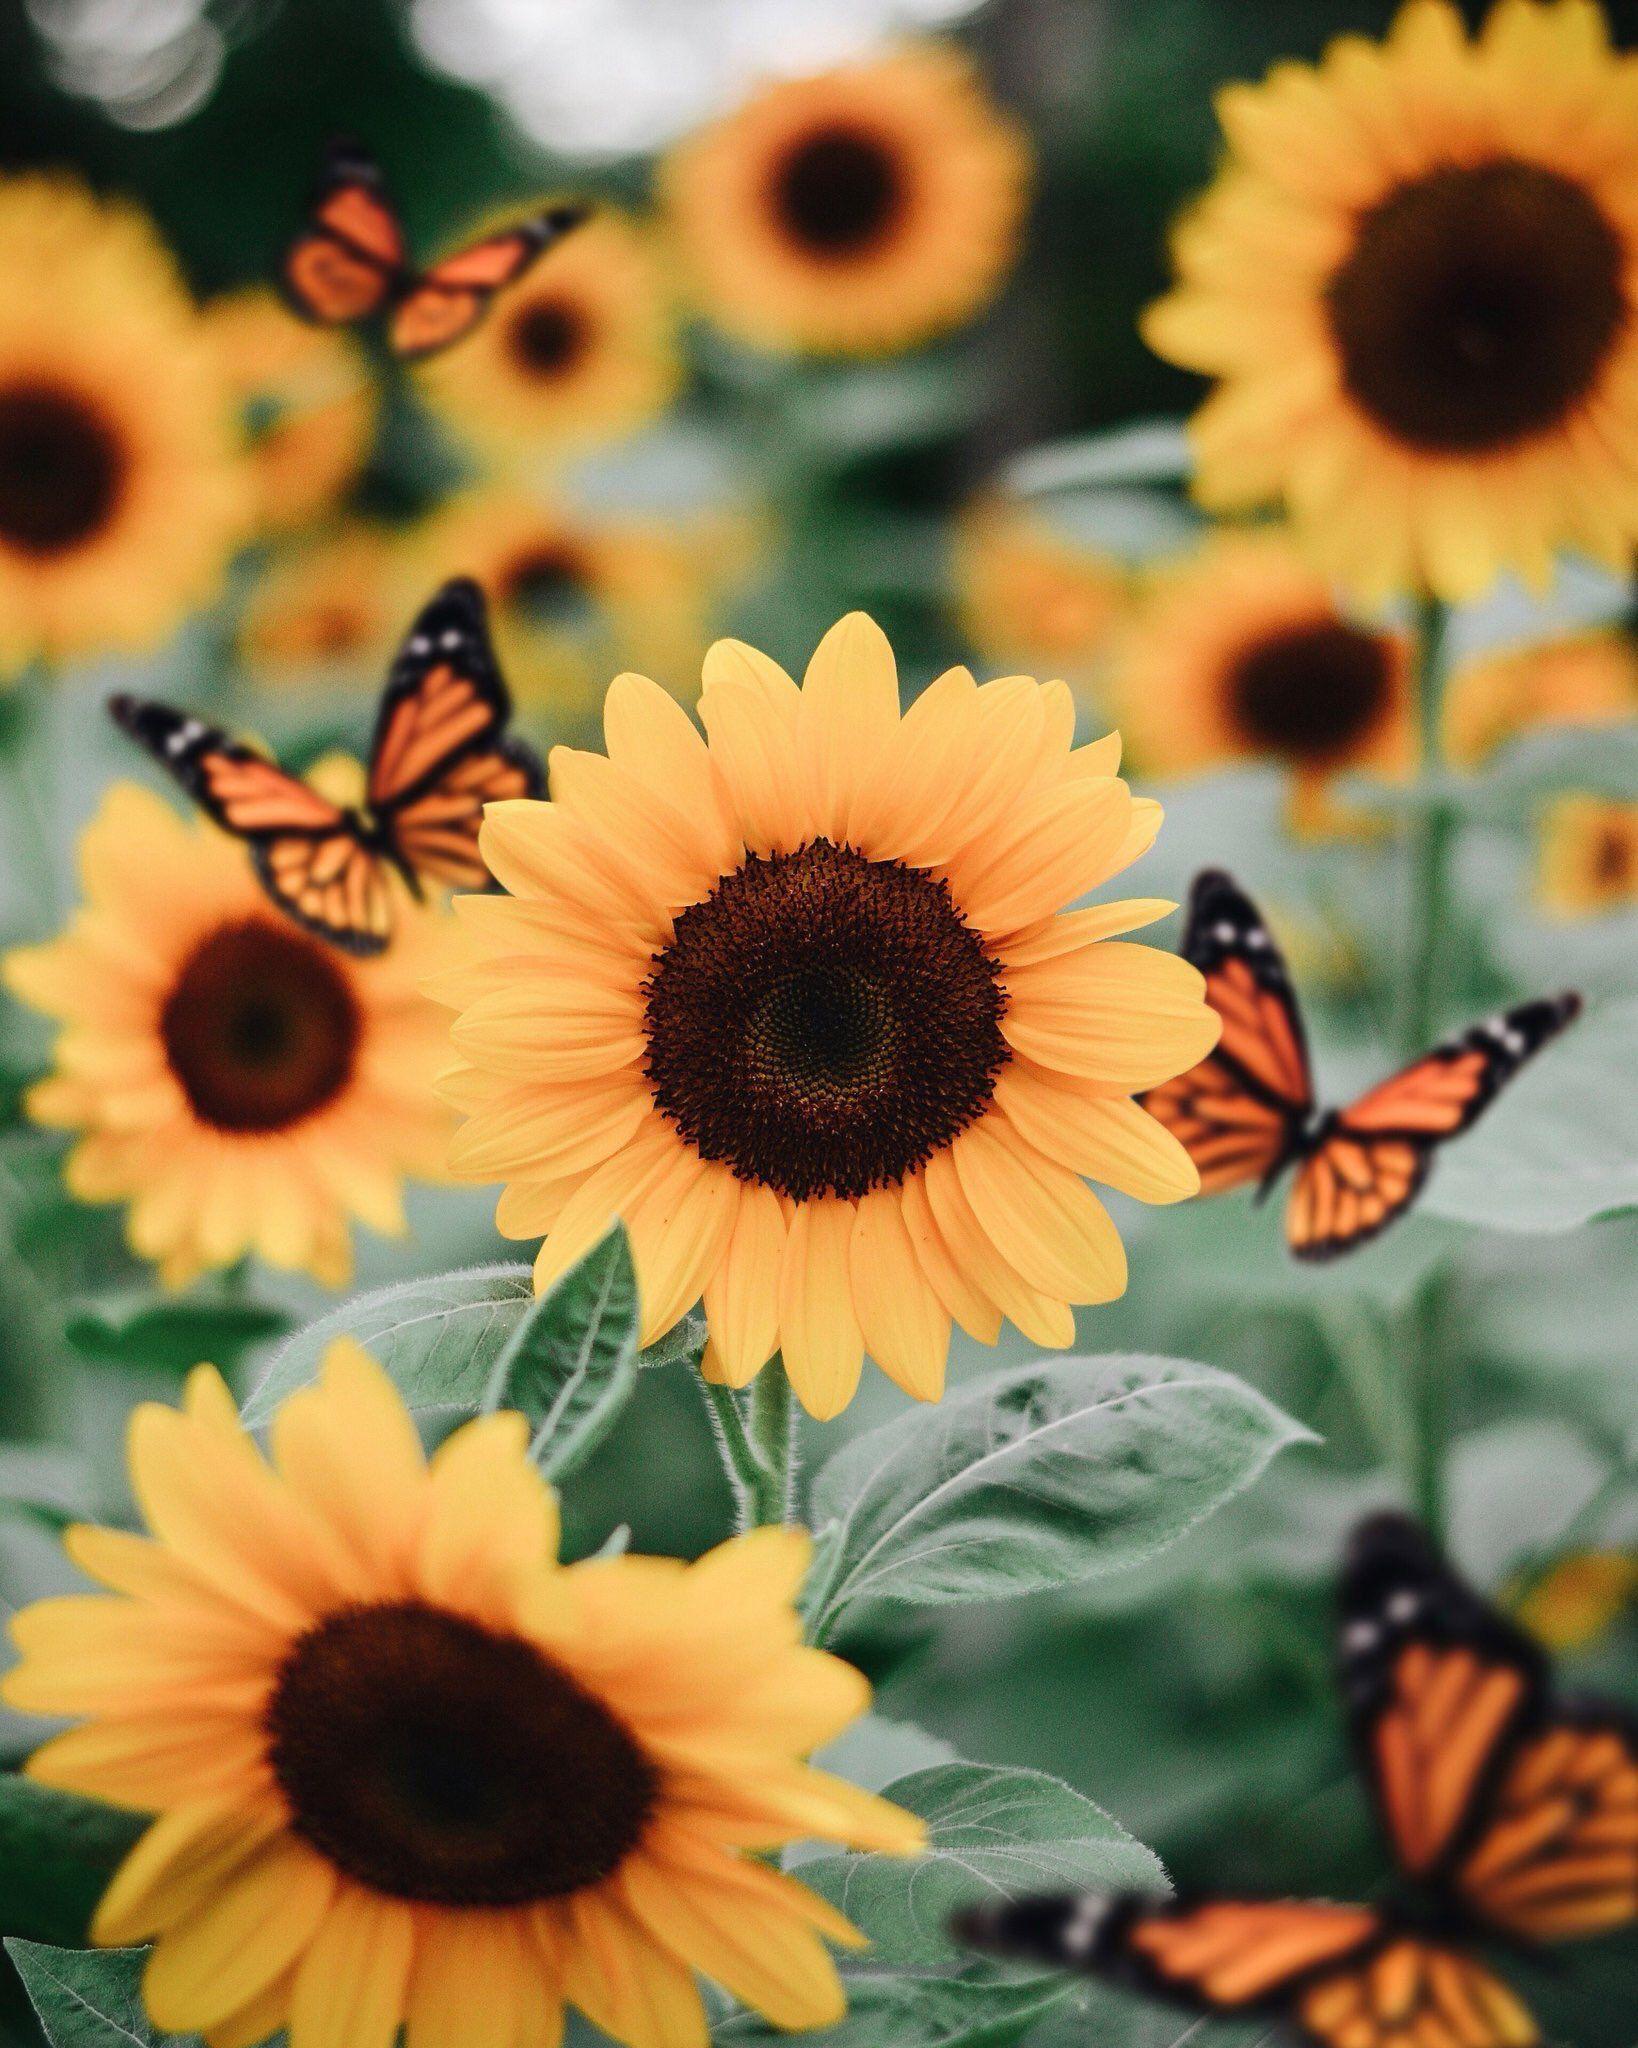 Sunflowers On U201csunflowers Make My Soul Smile U201d Sunflowerwallpaper Sunflowers On U201csunfl Sunflower Pictures Sunflower Wallpaper Flower Wallpaper